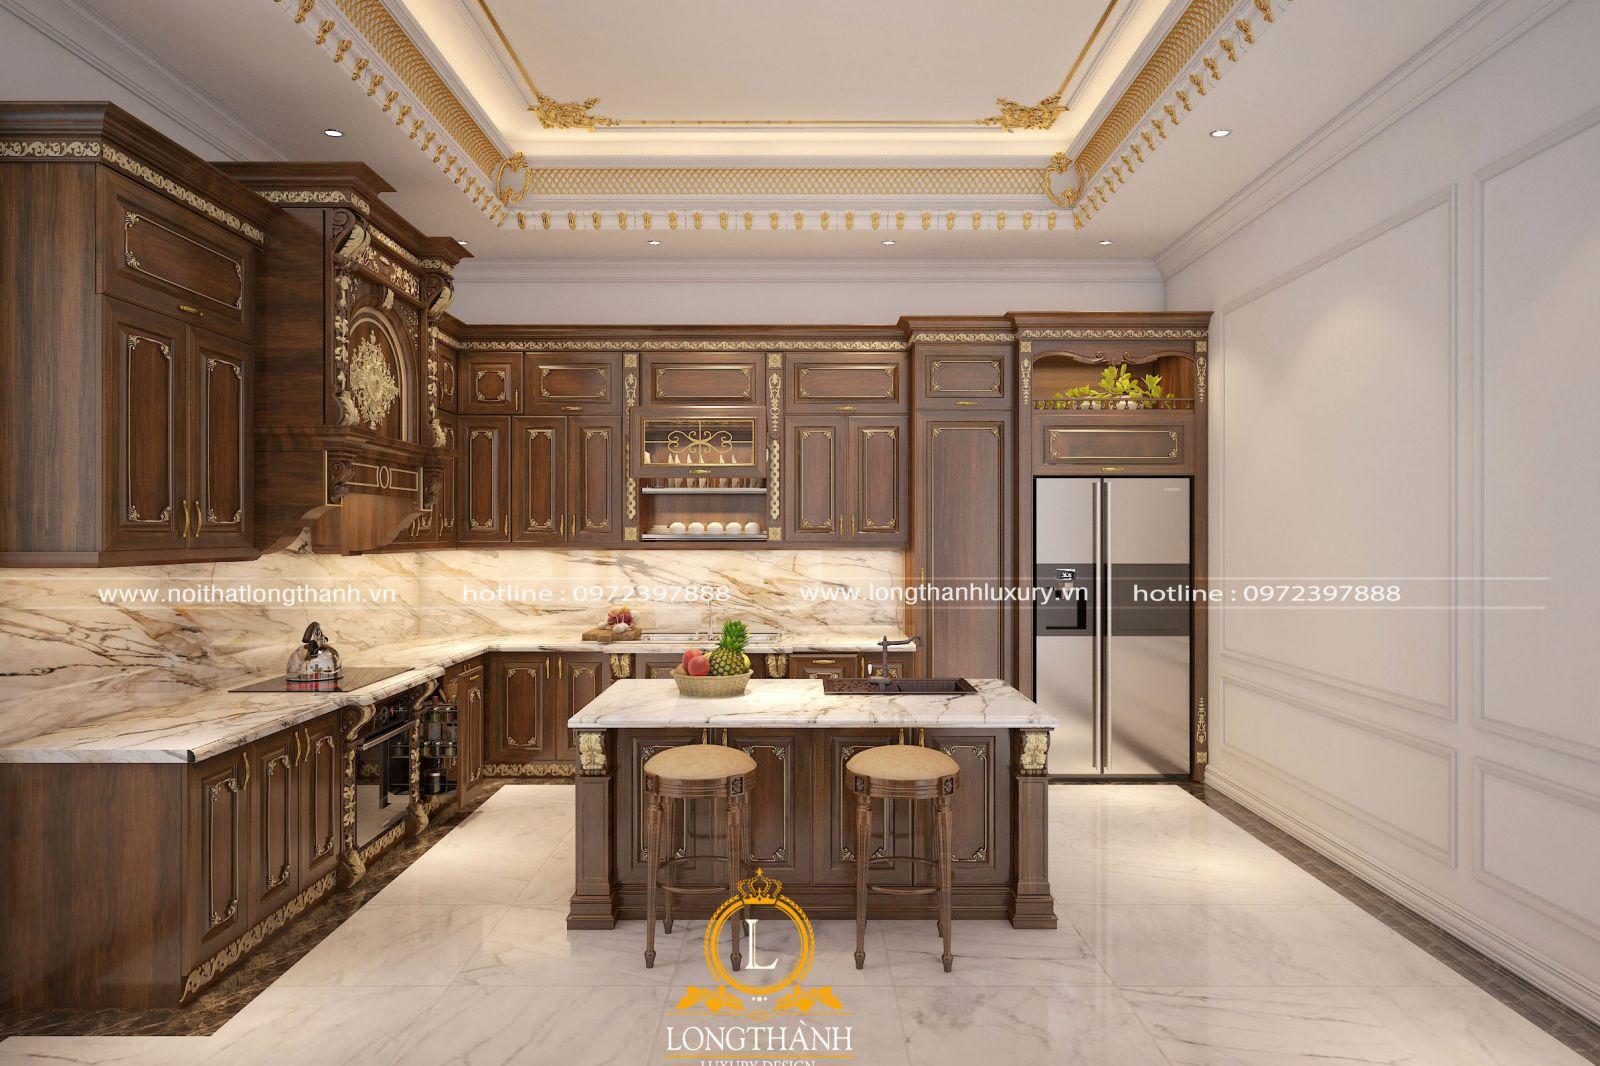 Tủ bếp gỗ Gõ tự nhiên được dát vàng hoa văn